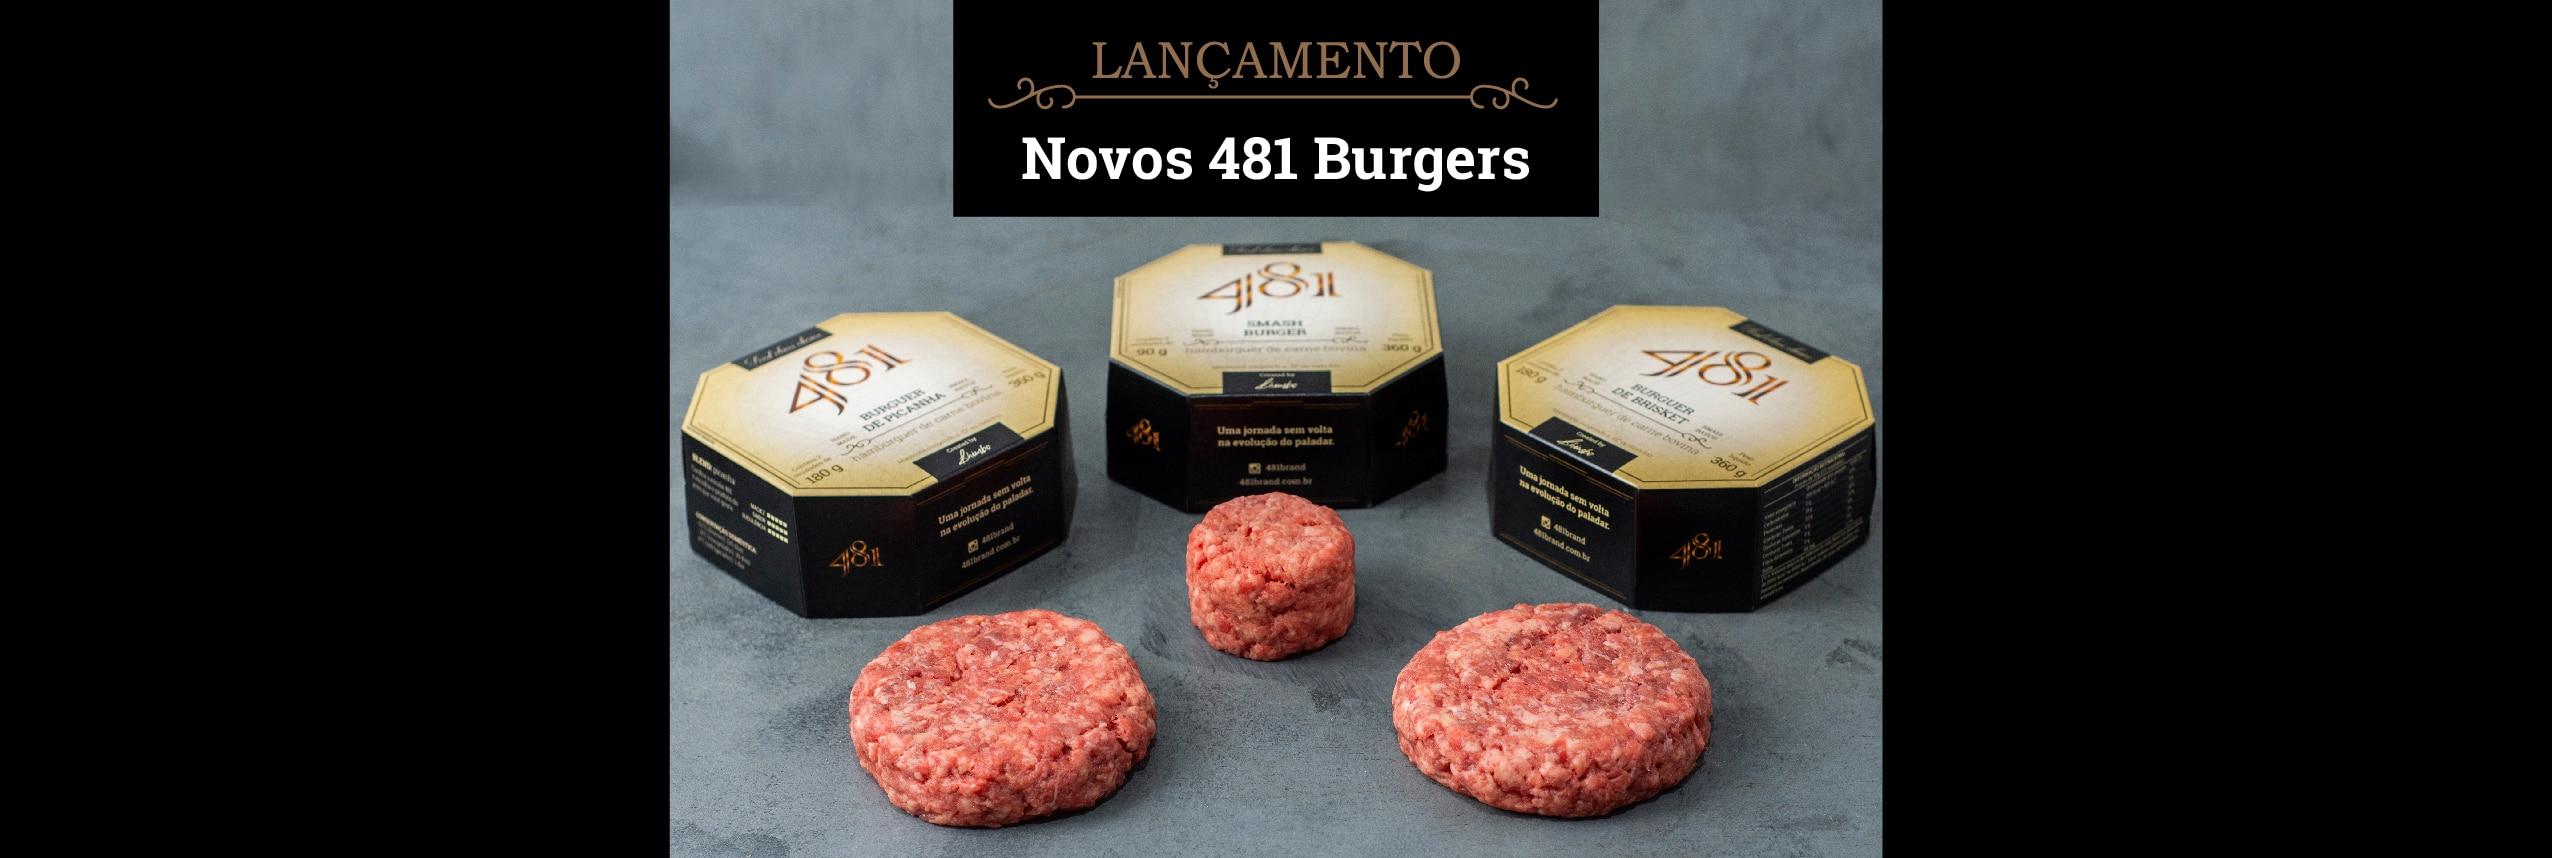 481 Burger | Lançamento